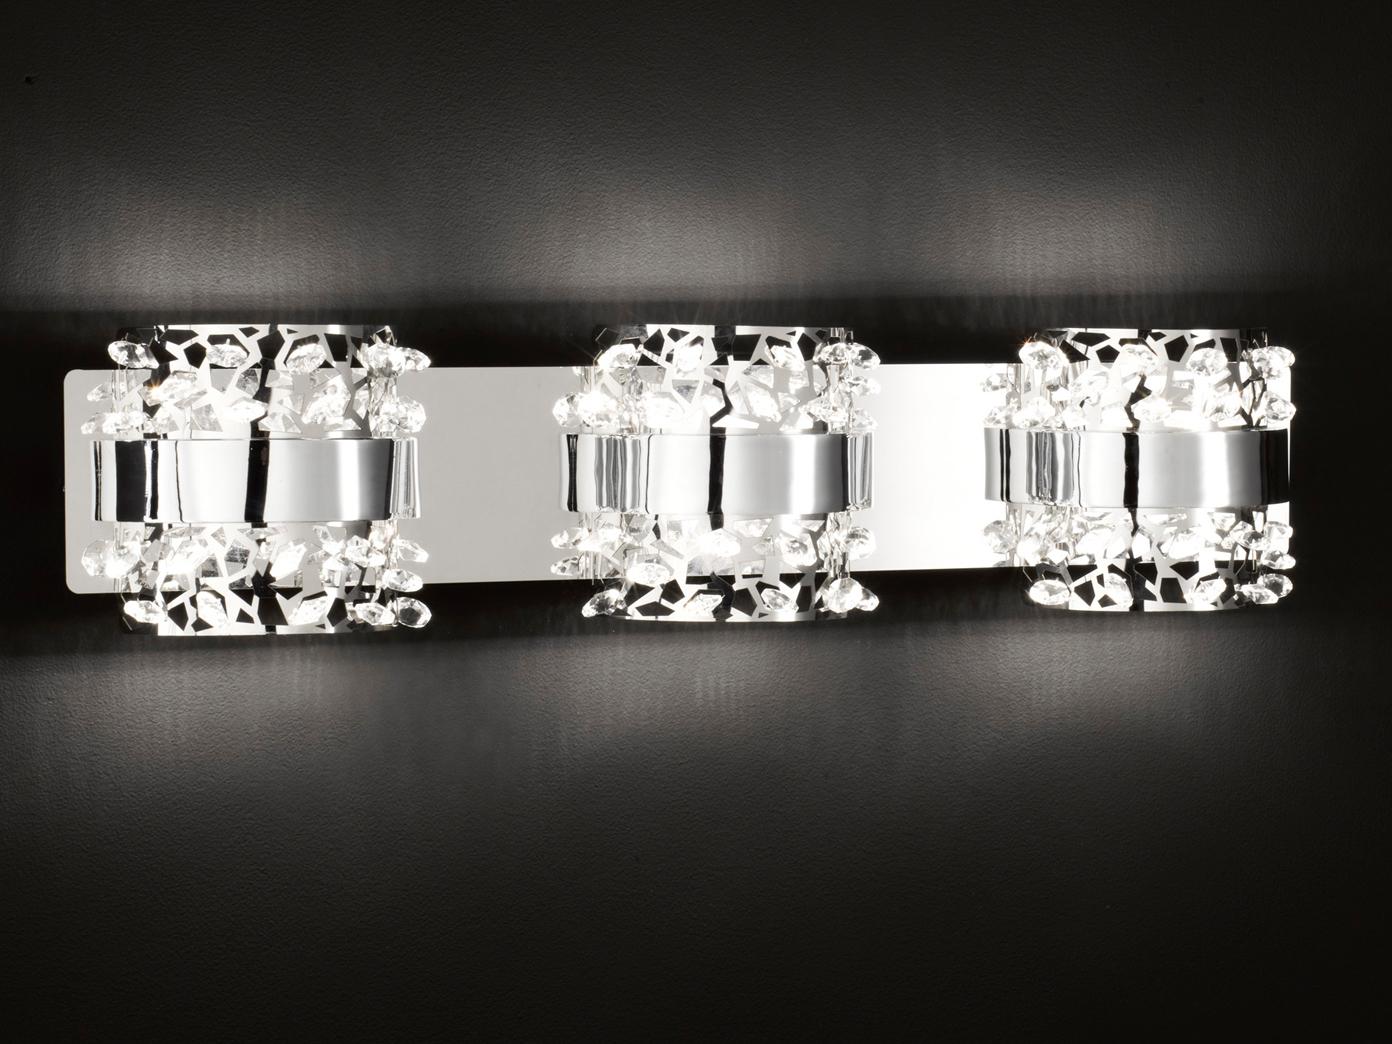 Cromo cromo cromo lucide 3 fl. parete led lampada con vetro